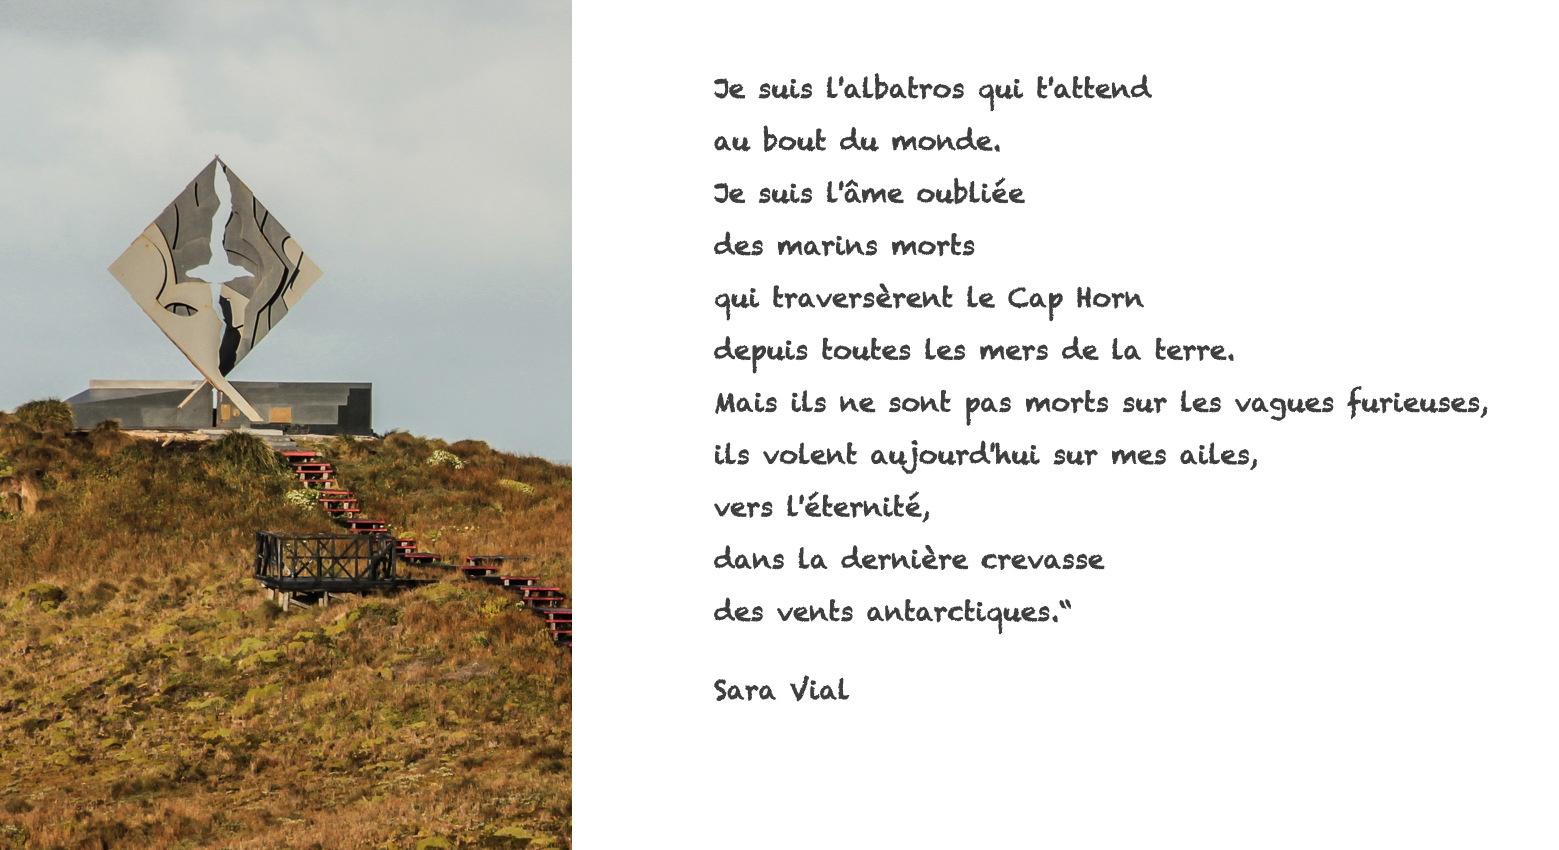 Poème de Sara Vial sur l'île de Cap Horn. Croisière en Patagonie.